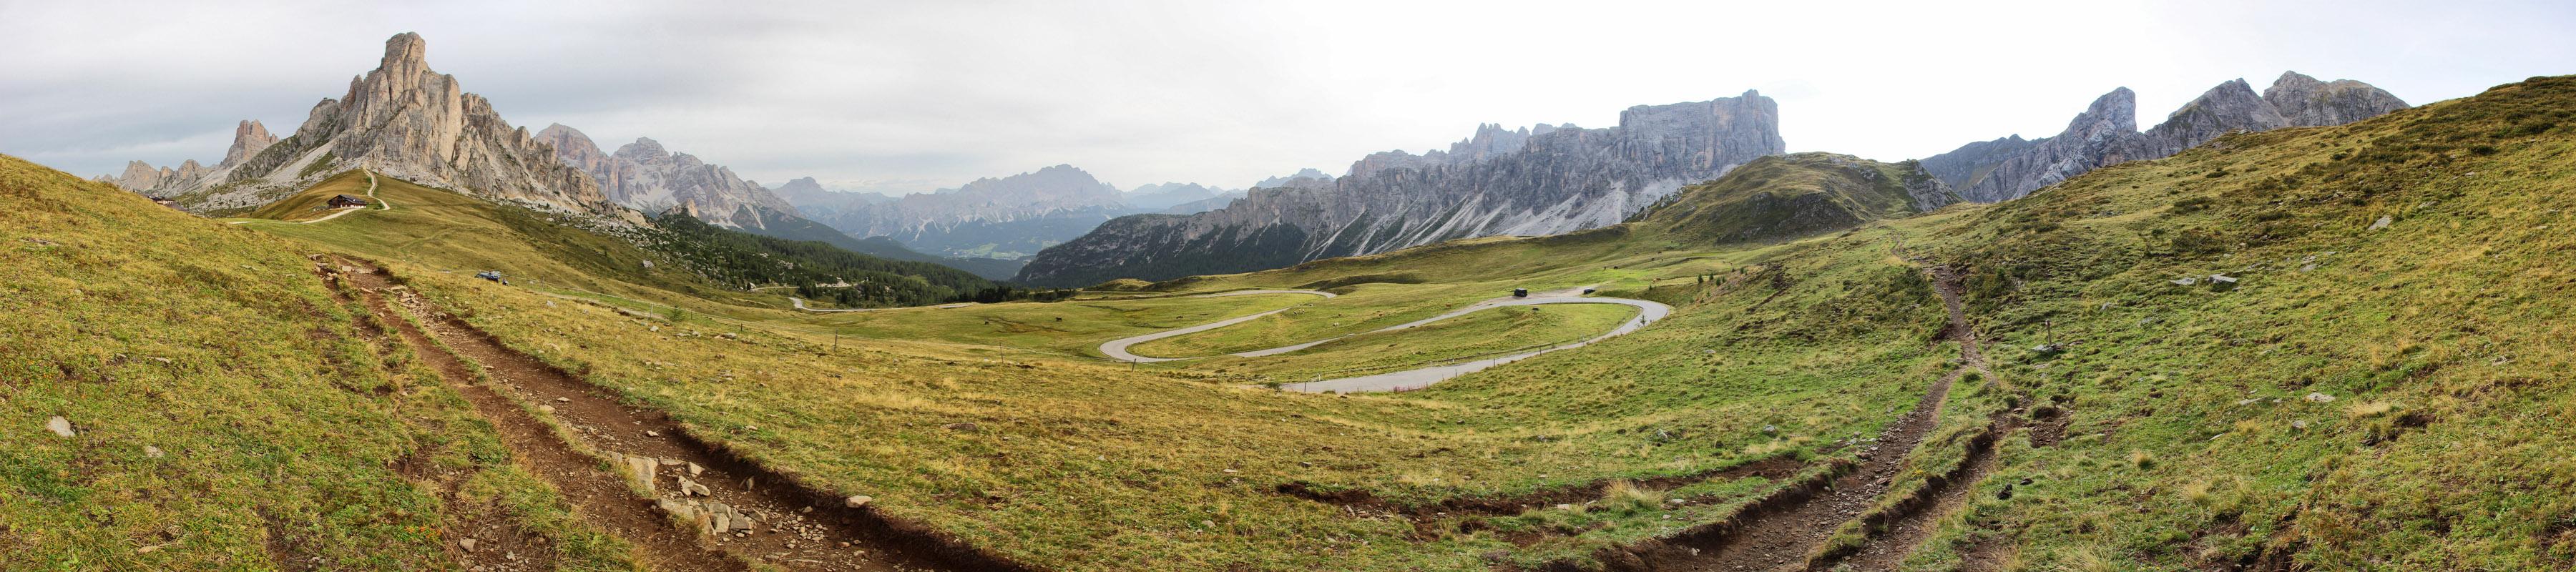 Panoráma z Passo di Giau, Dolomity